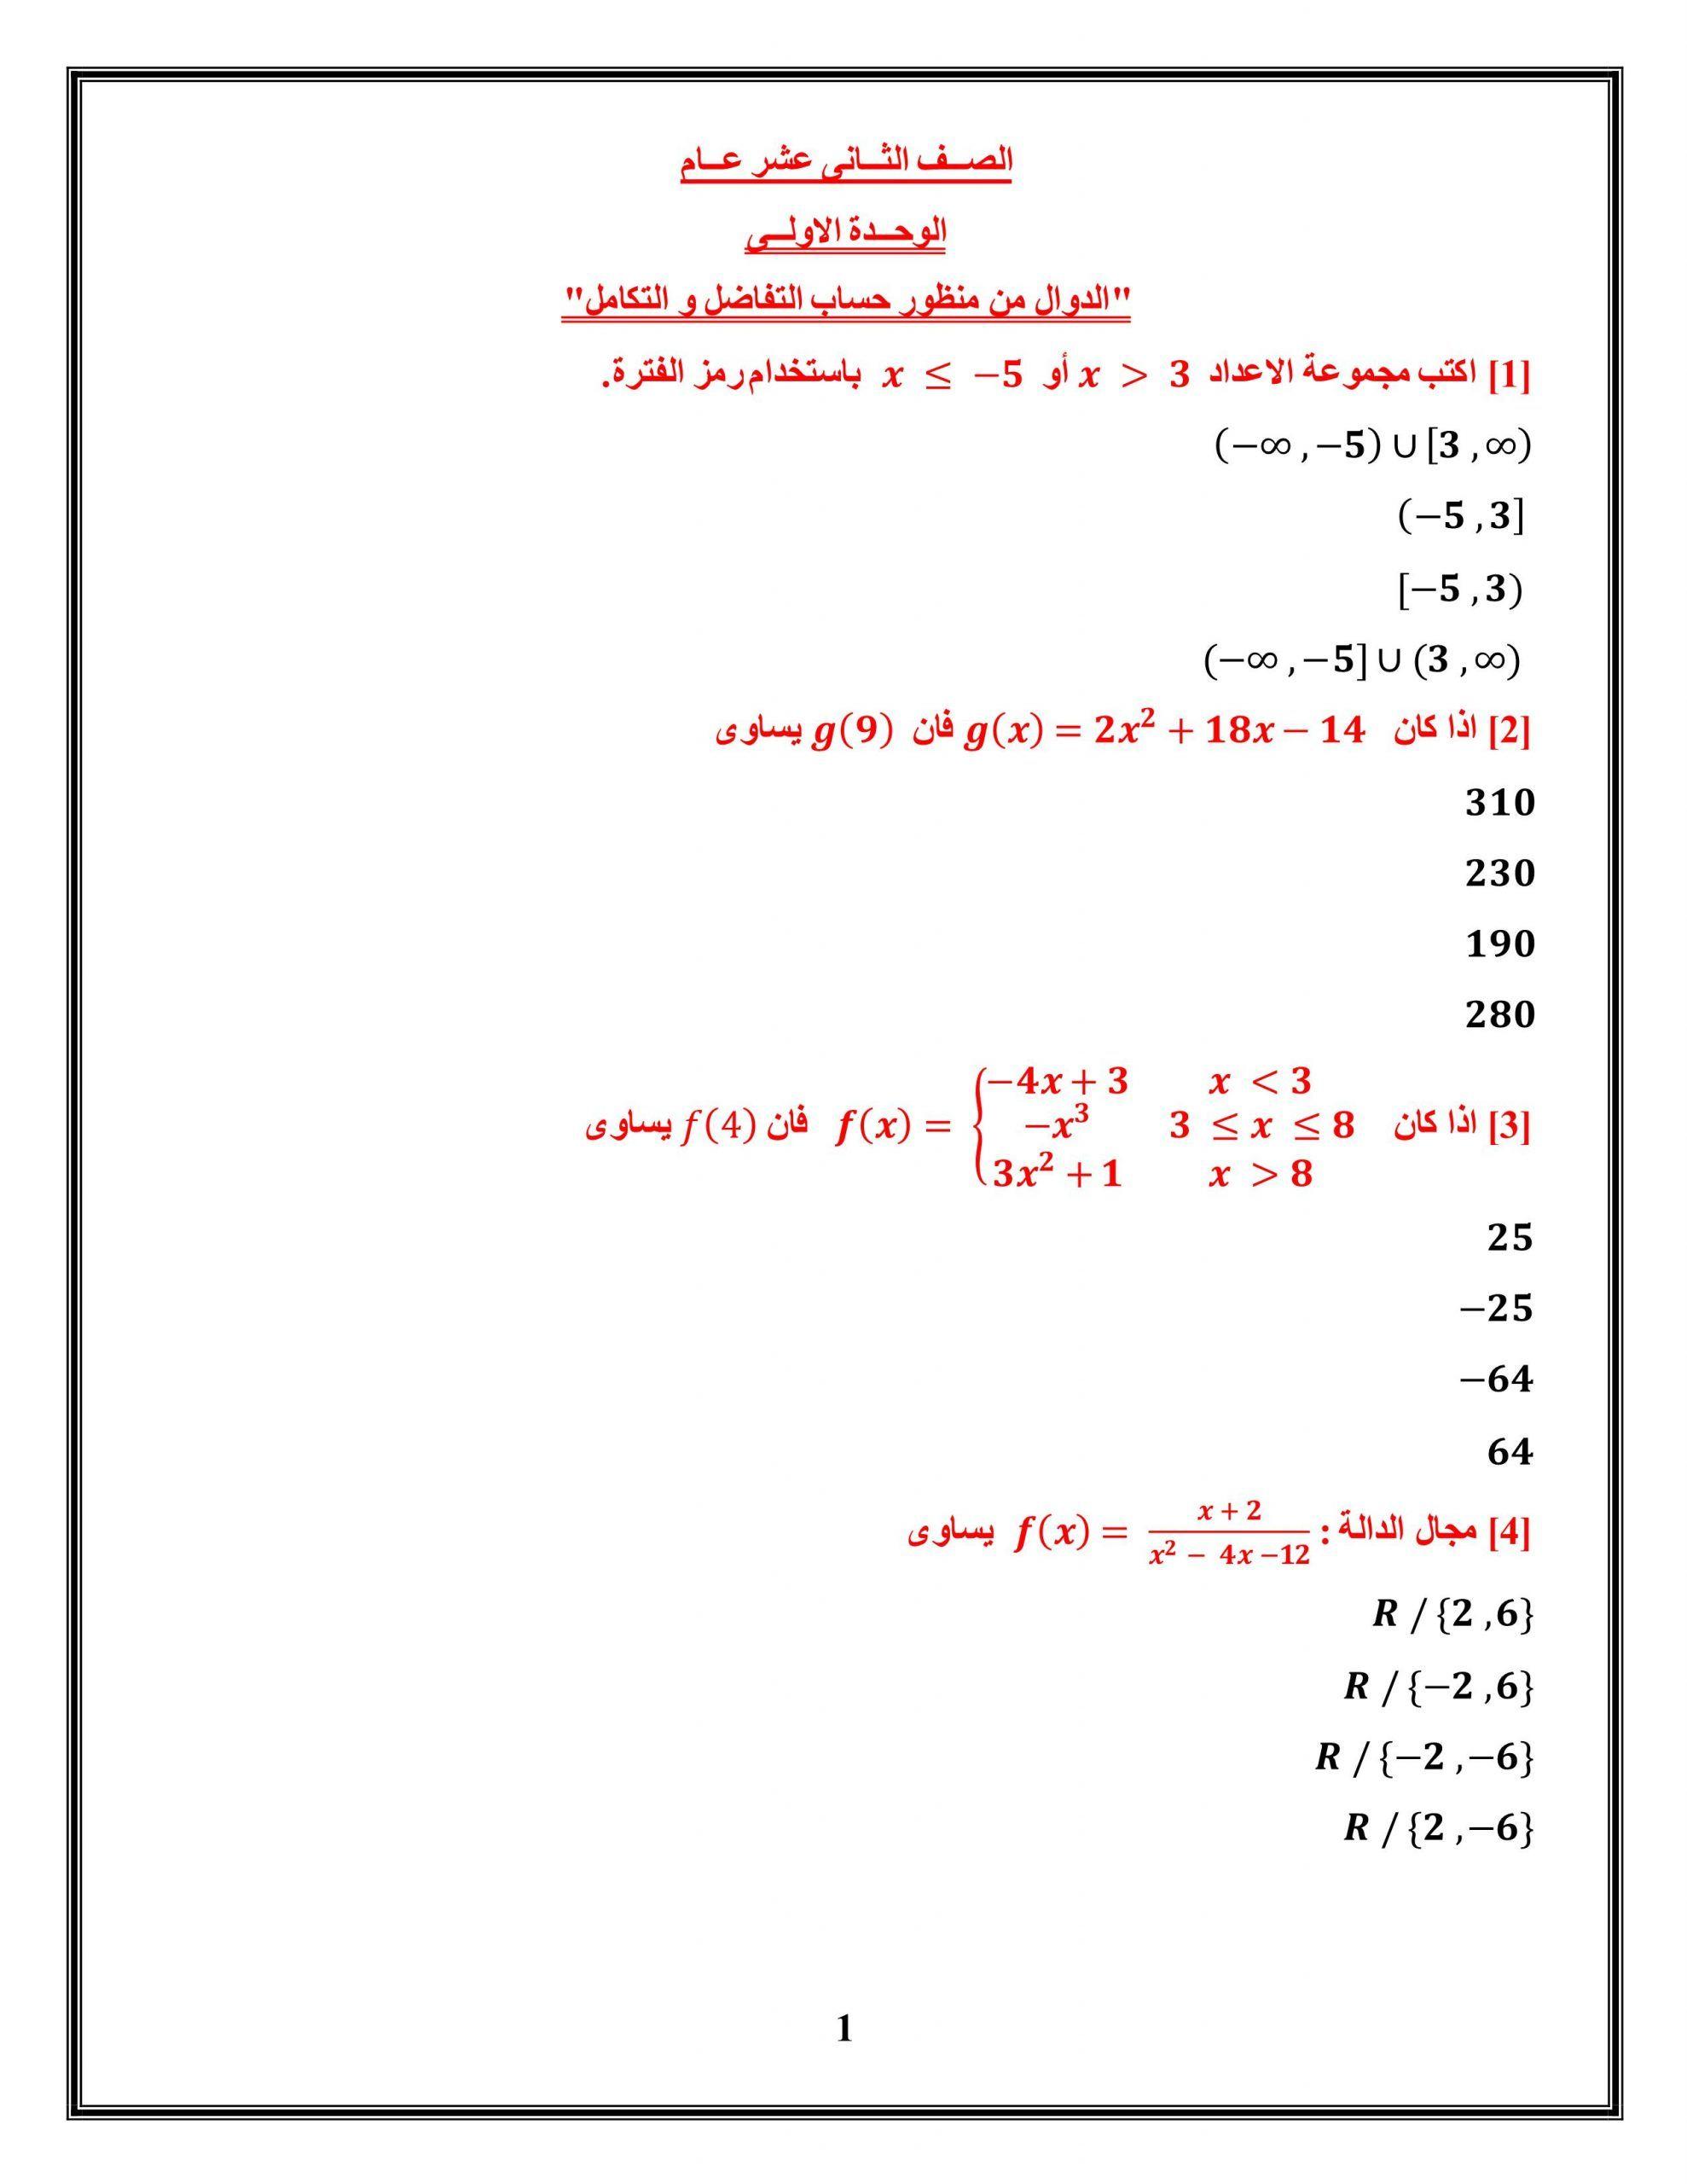 حل اوراق عمل الدوال من منظور حساب التفاضل و التكامل الصف الثاني عشر عام مادة الرياضيات المتكاملة Math Math Equations